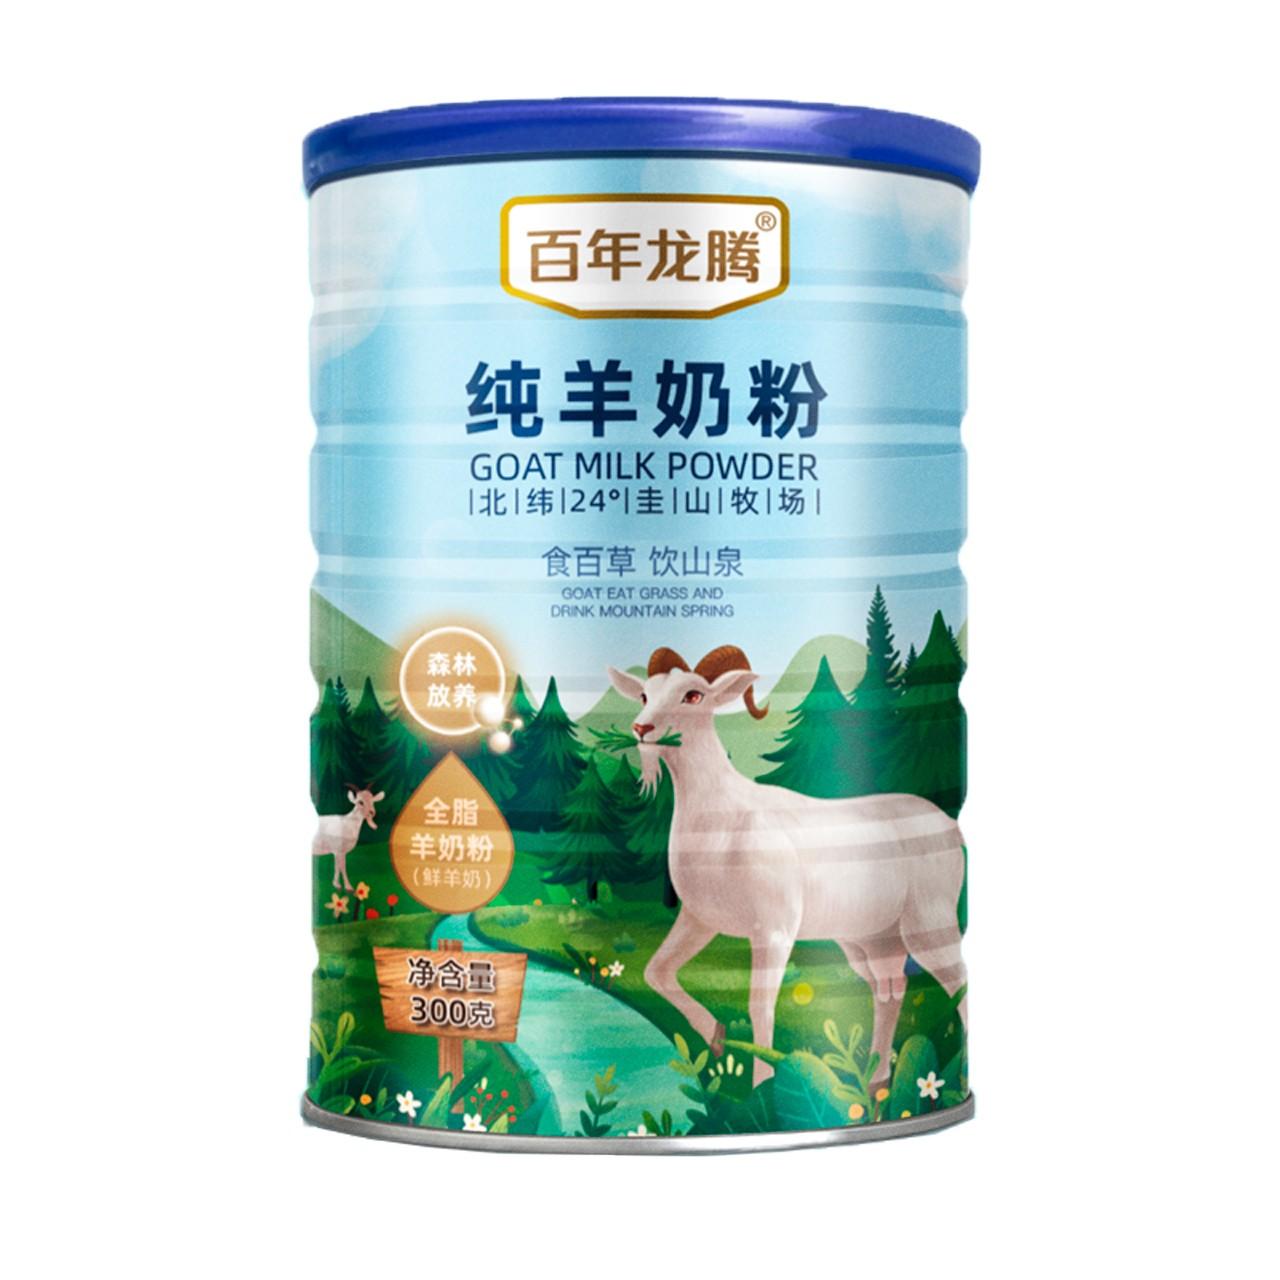 百年龙腾 圭山无添加糖纯羊奶粉 300g *2件